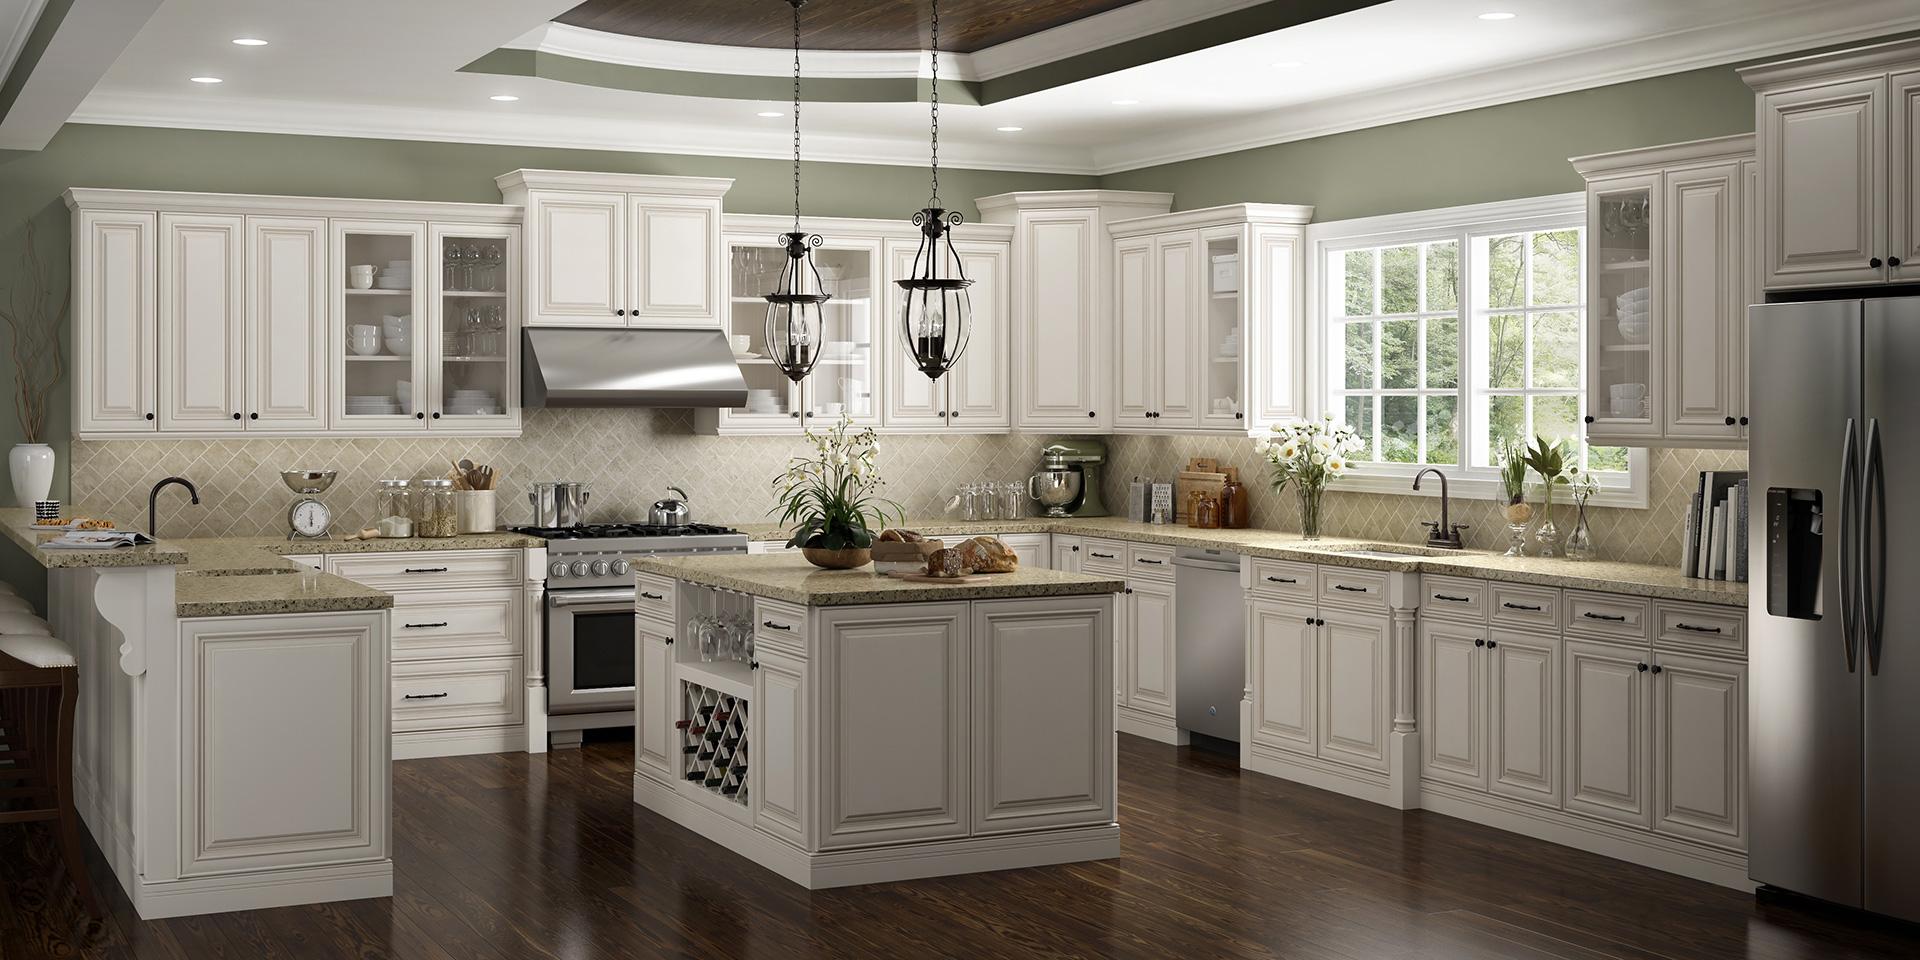 G-style kitchen w/island